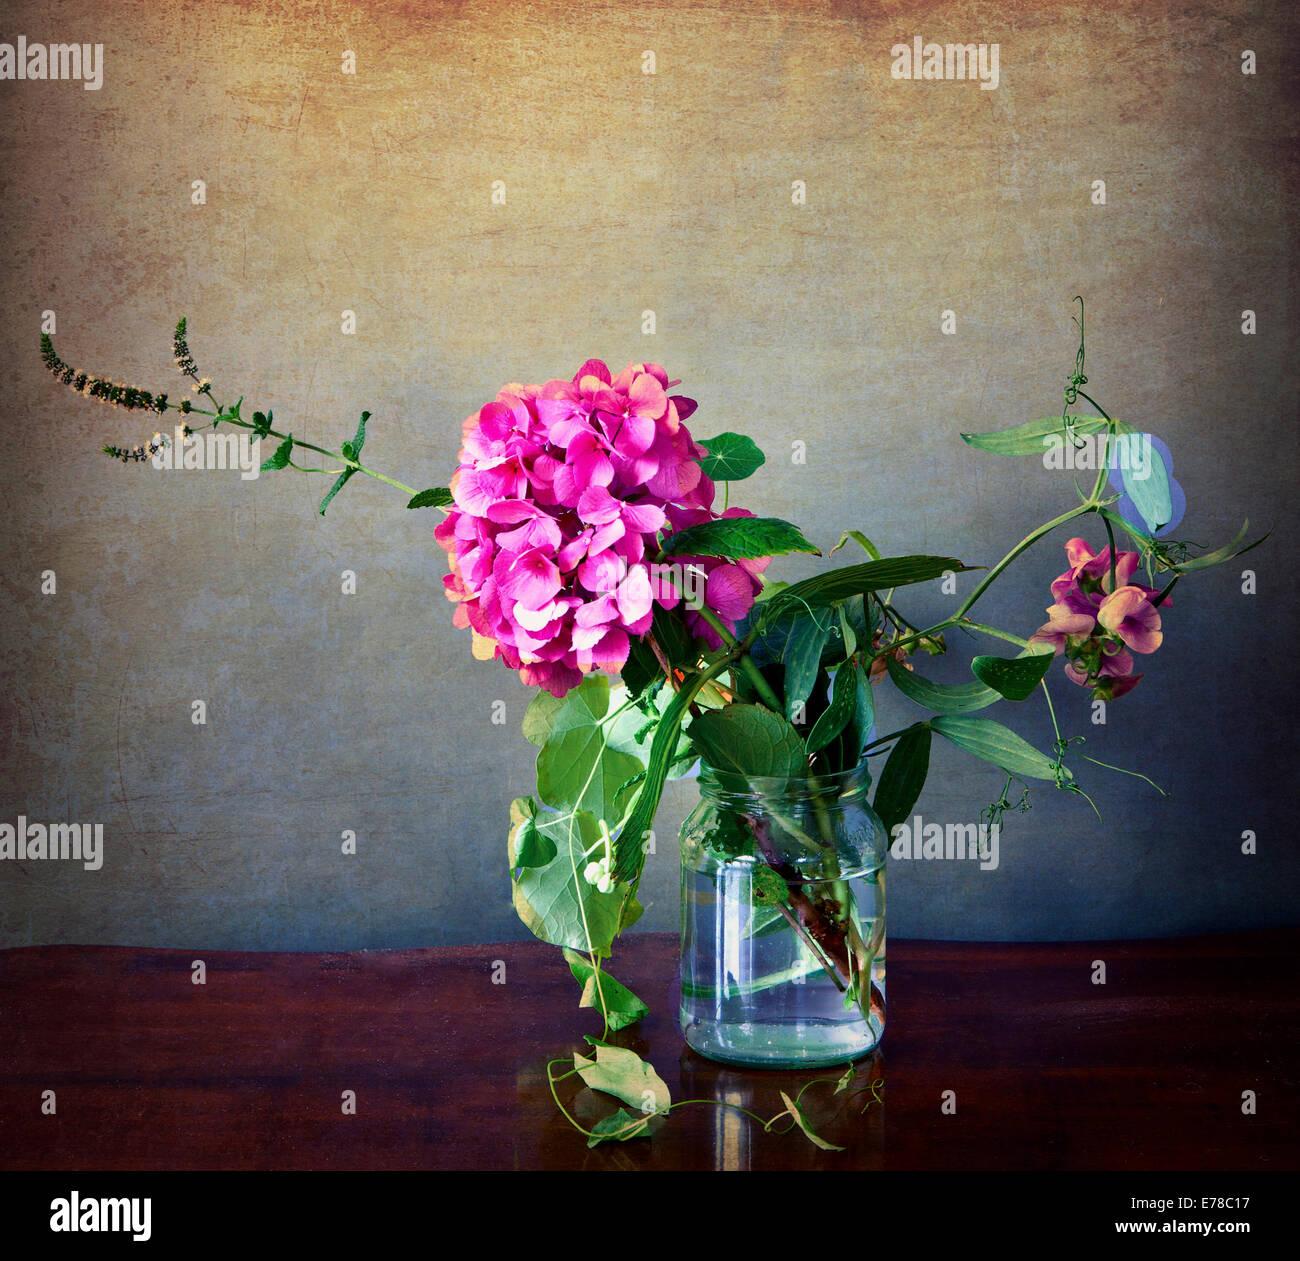 Rosa hortênsia e flores do campo em um vidro com textura vintage e retro Instagram efeitos adicionados Imagens de Stock